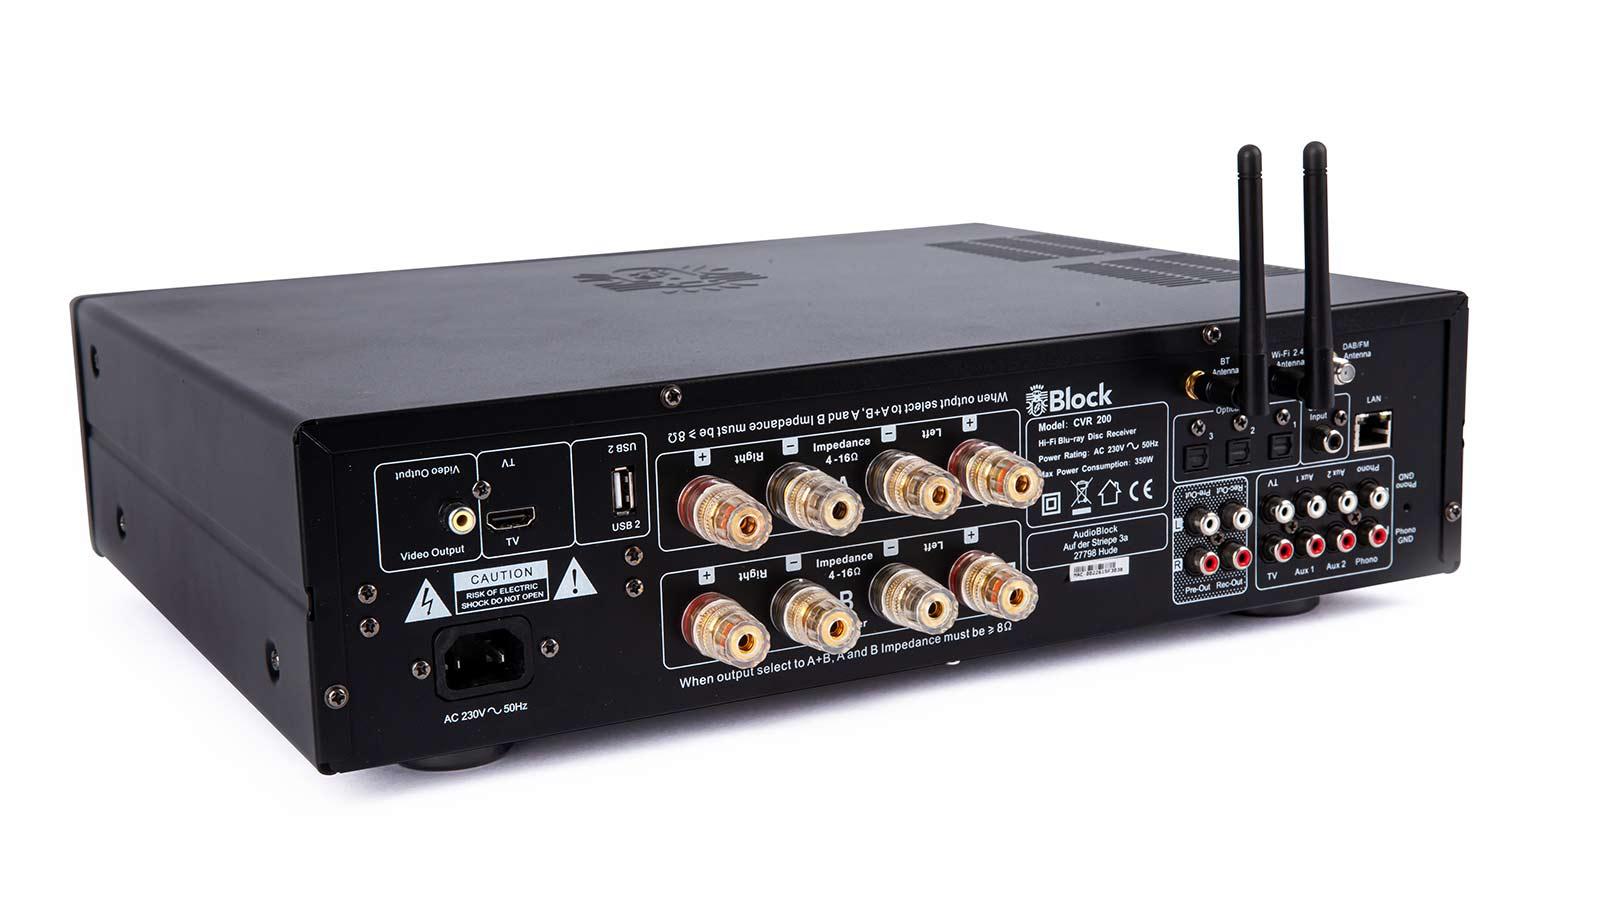 Block CVR-200